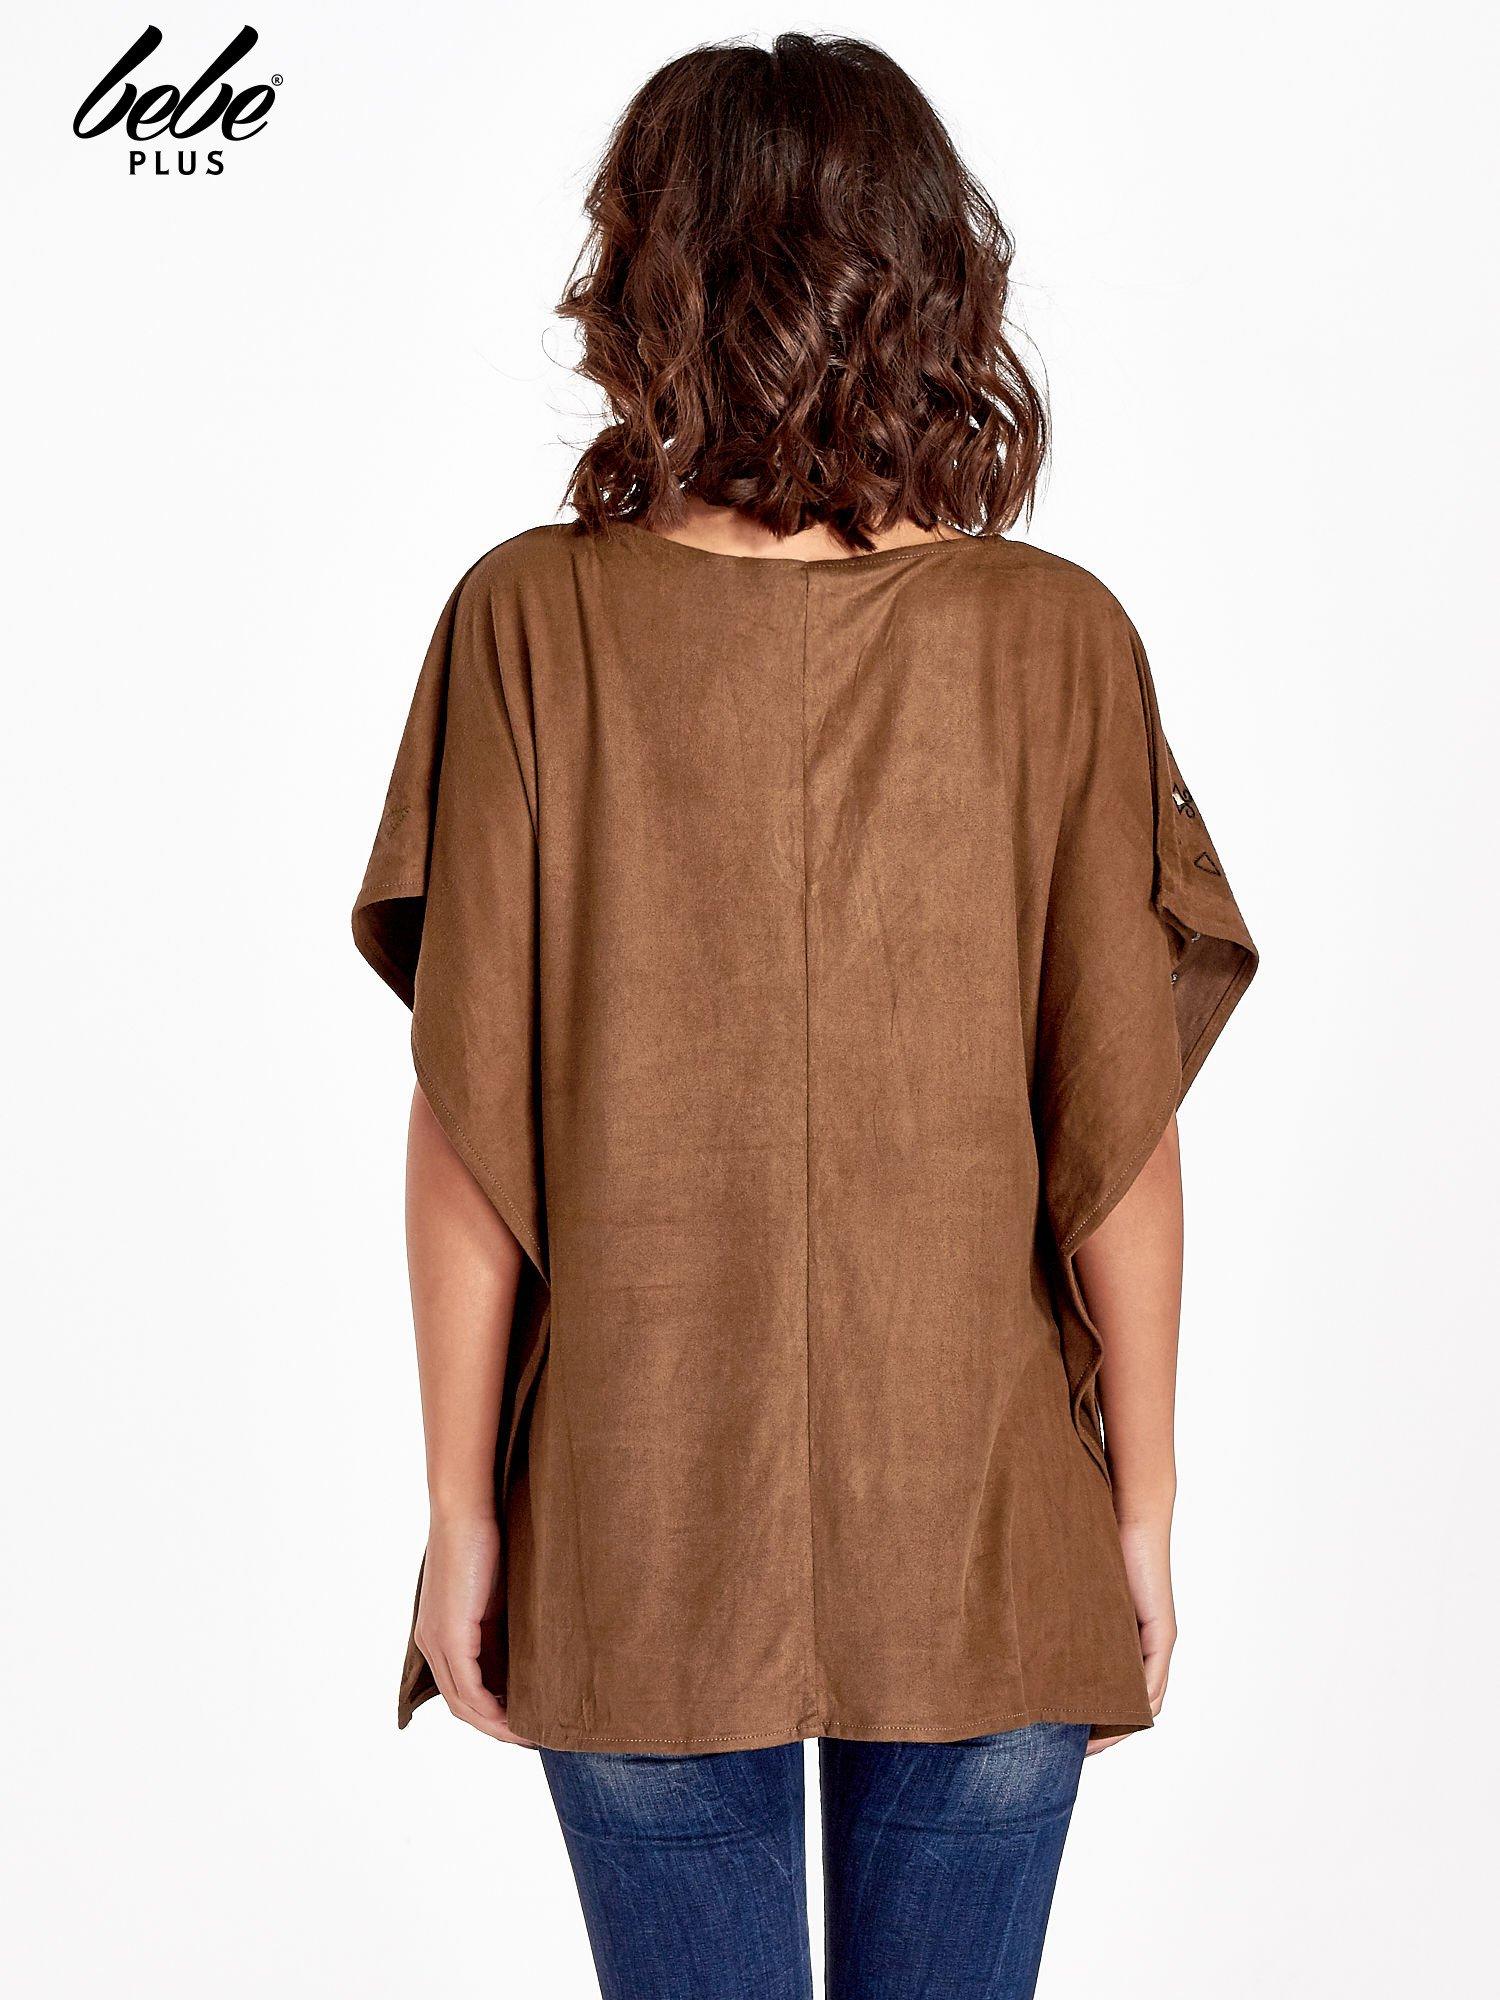 Brązowa zamszowa bluzka z haftem w stylu boho                                  zdj.                                  3